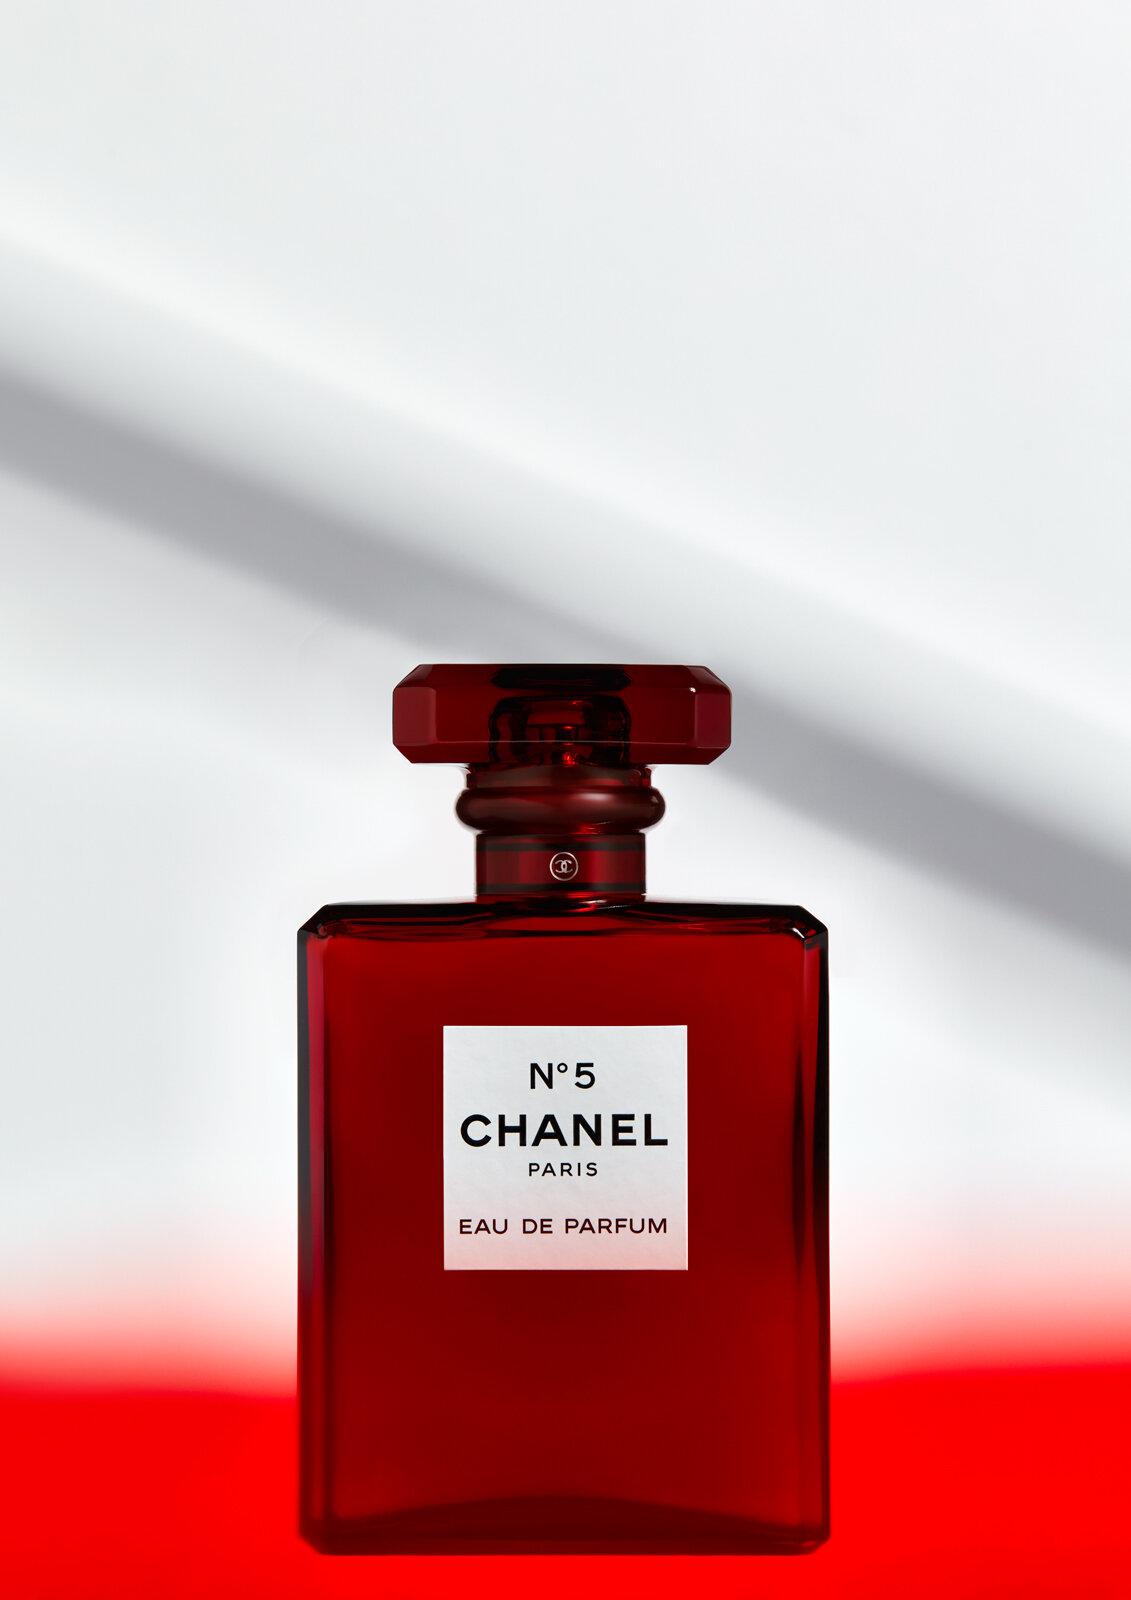 CL_Chanel1_5_rouge-Johanne-Mills.jpg